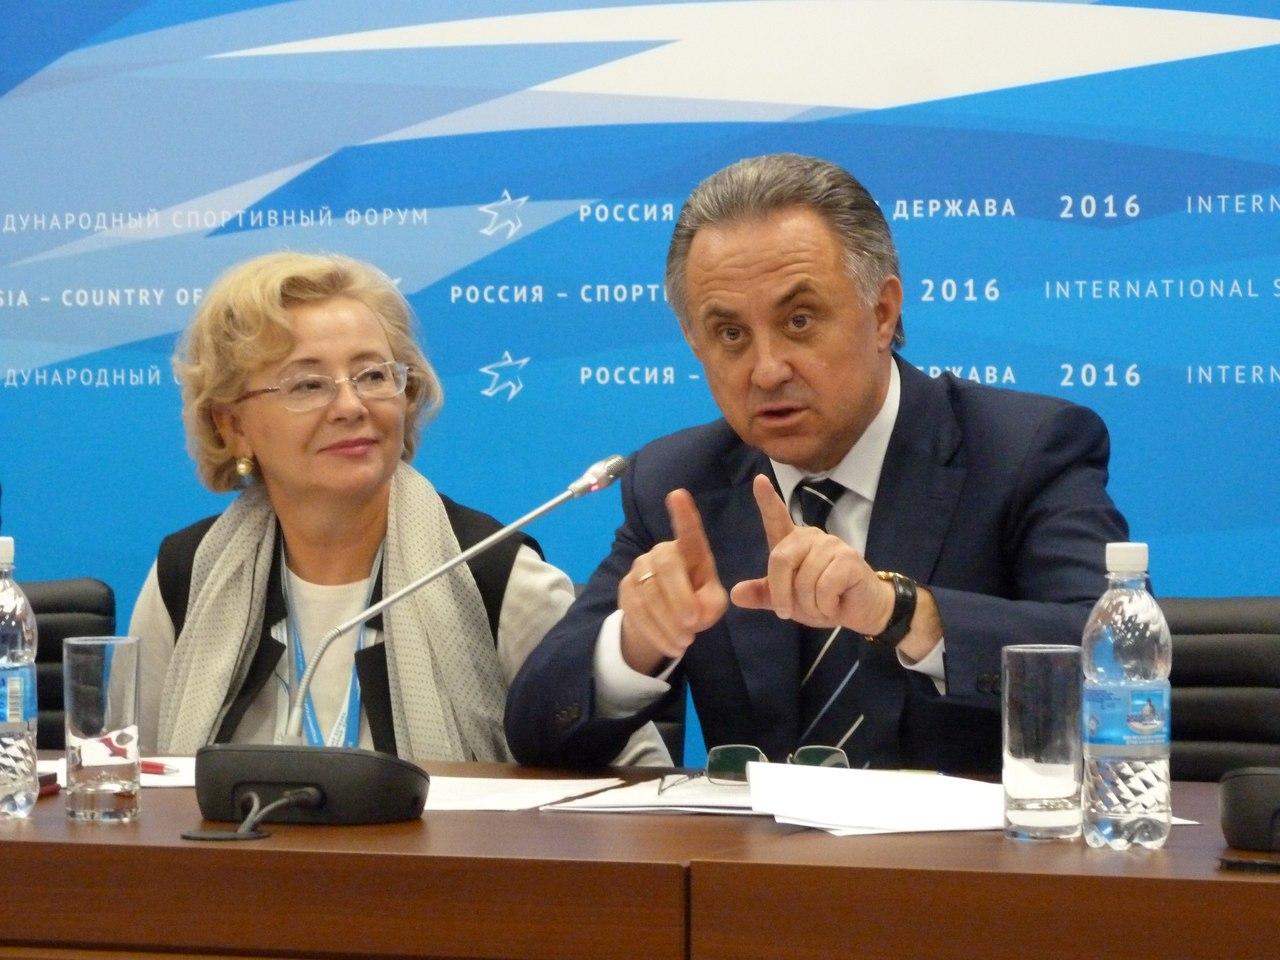 Всероссийское дворовое олимпийское движение: от международного Форума к национальному проекту